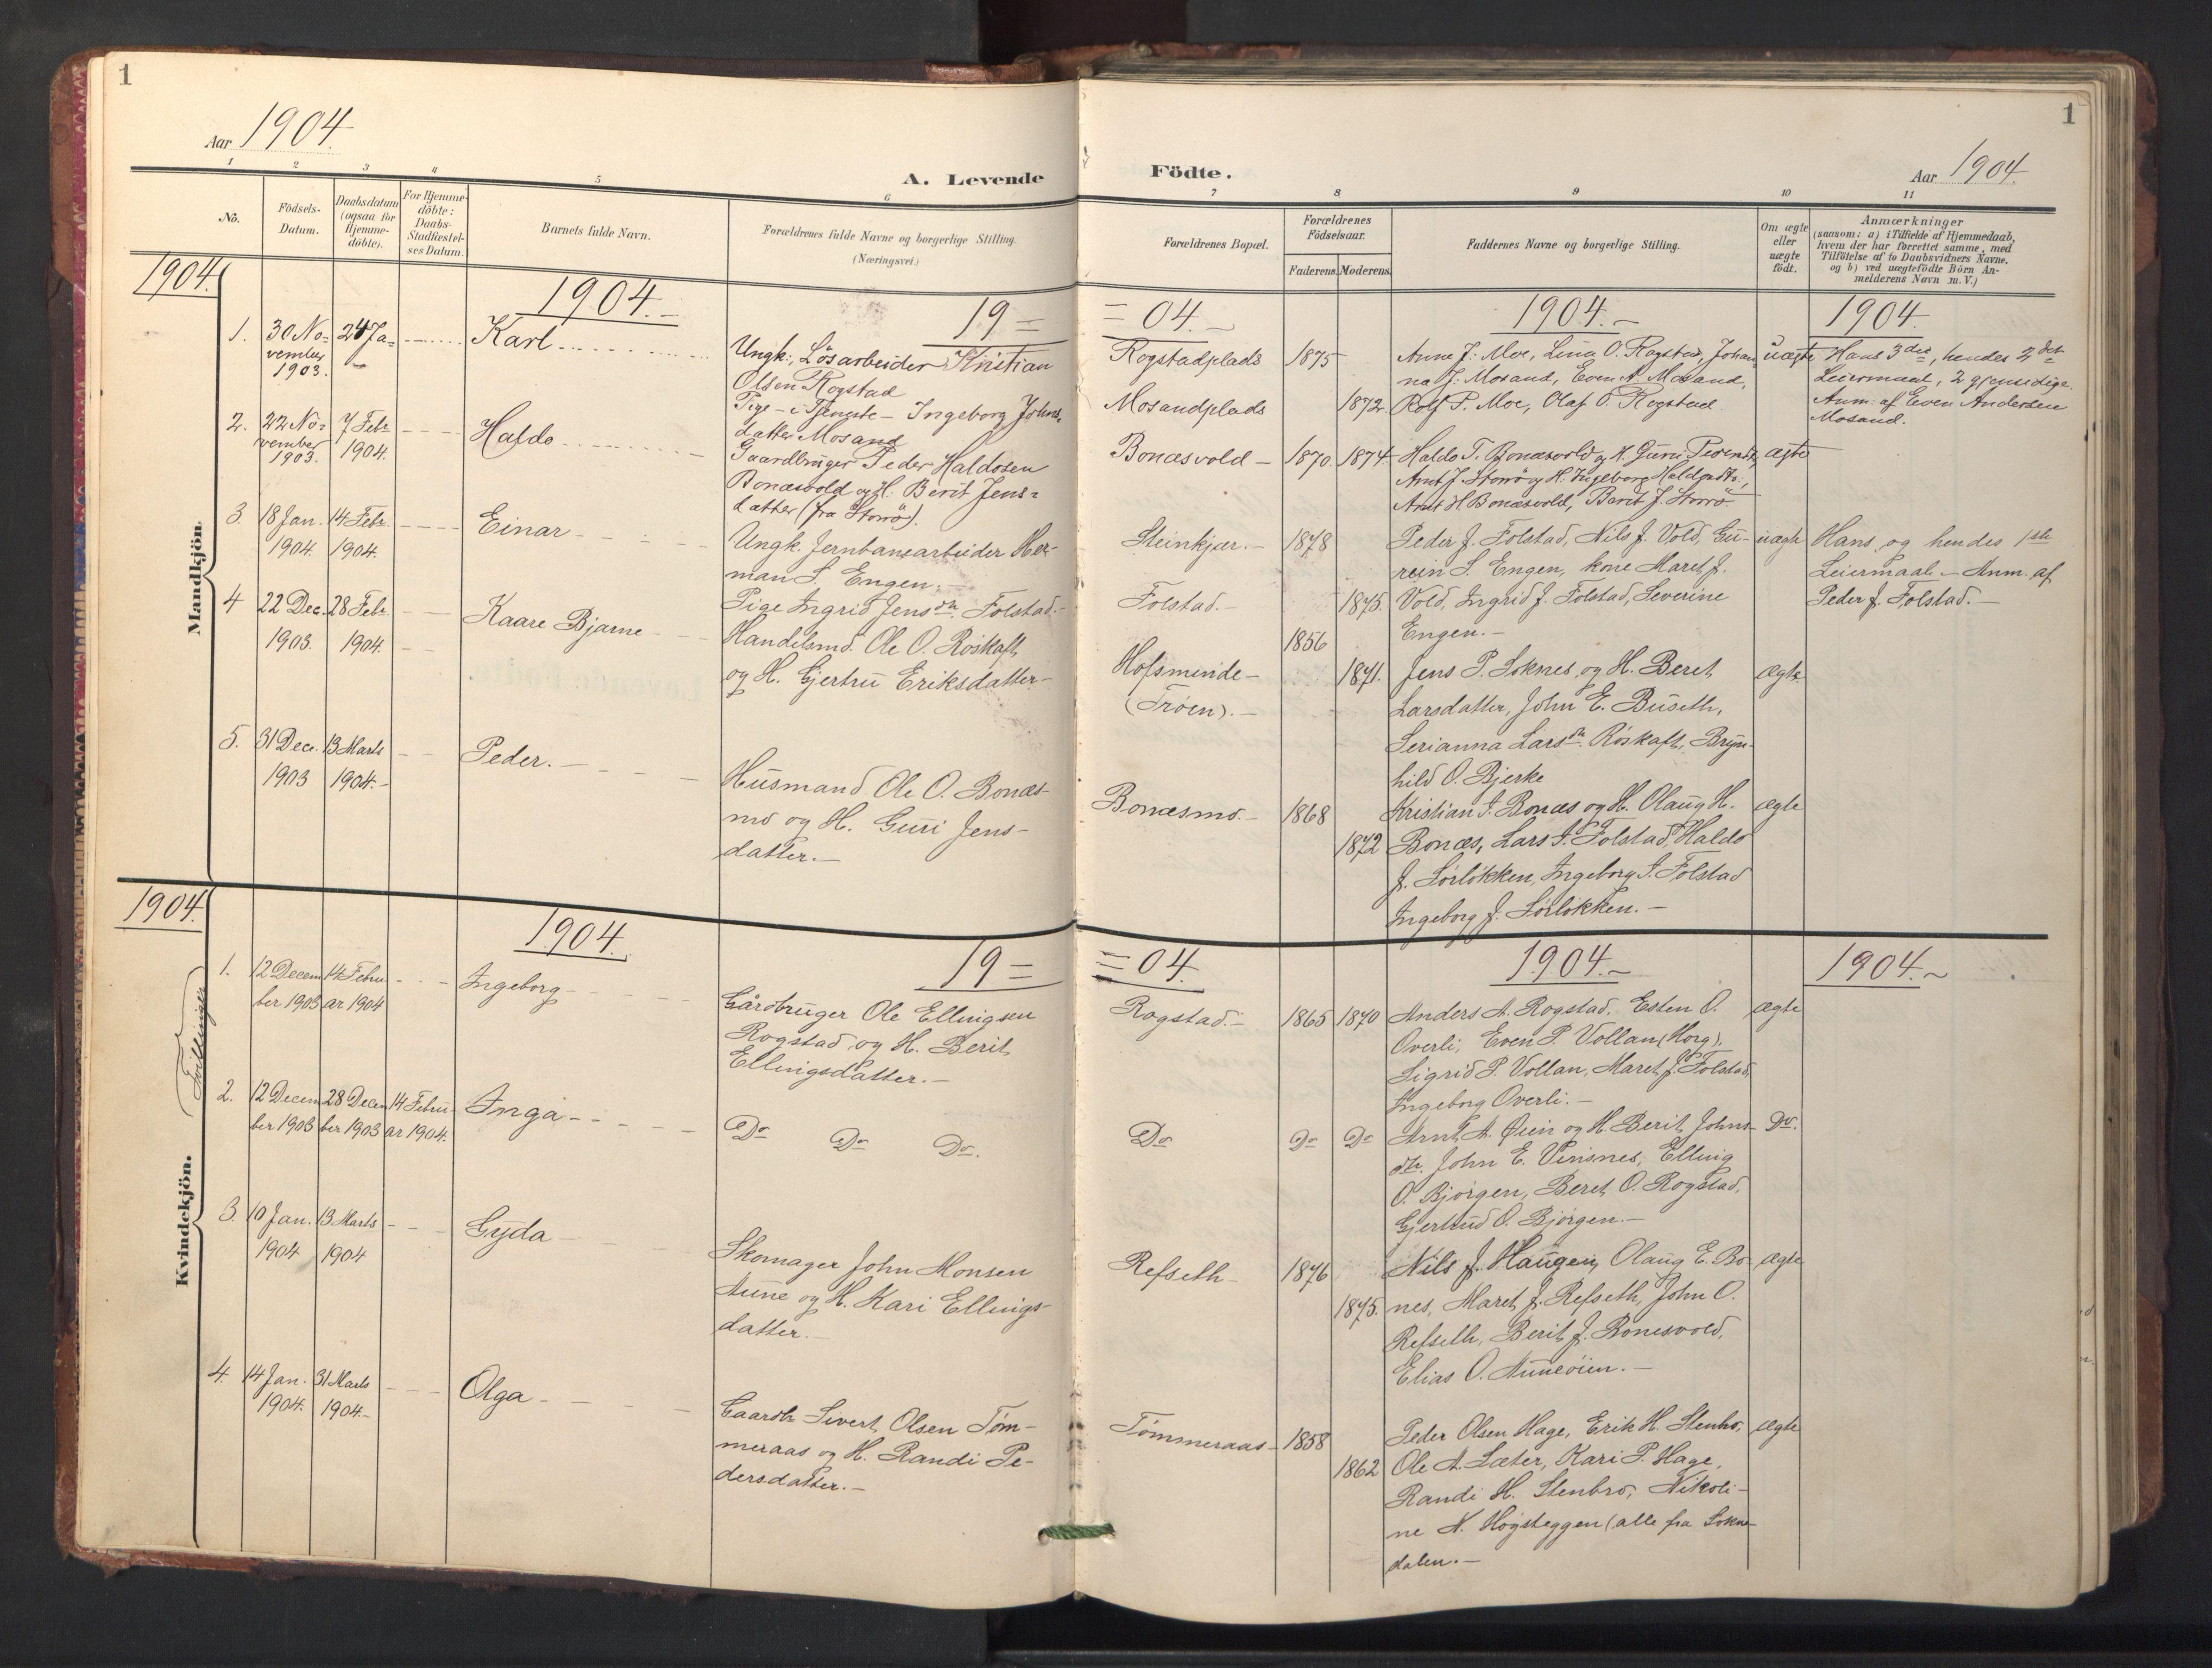 SAT, Ministerialprotokoller, klokkerbøker og fødselsregistre - Sør-Trøndelag, 687/L1019: Klokkerbok nr. 687C03, 1904-1931, s. 1